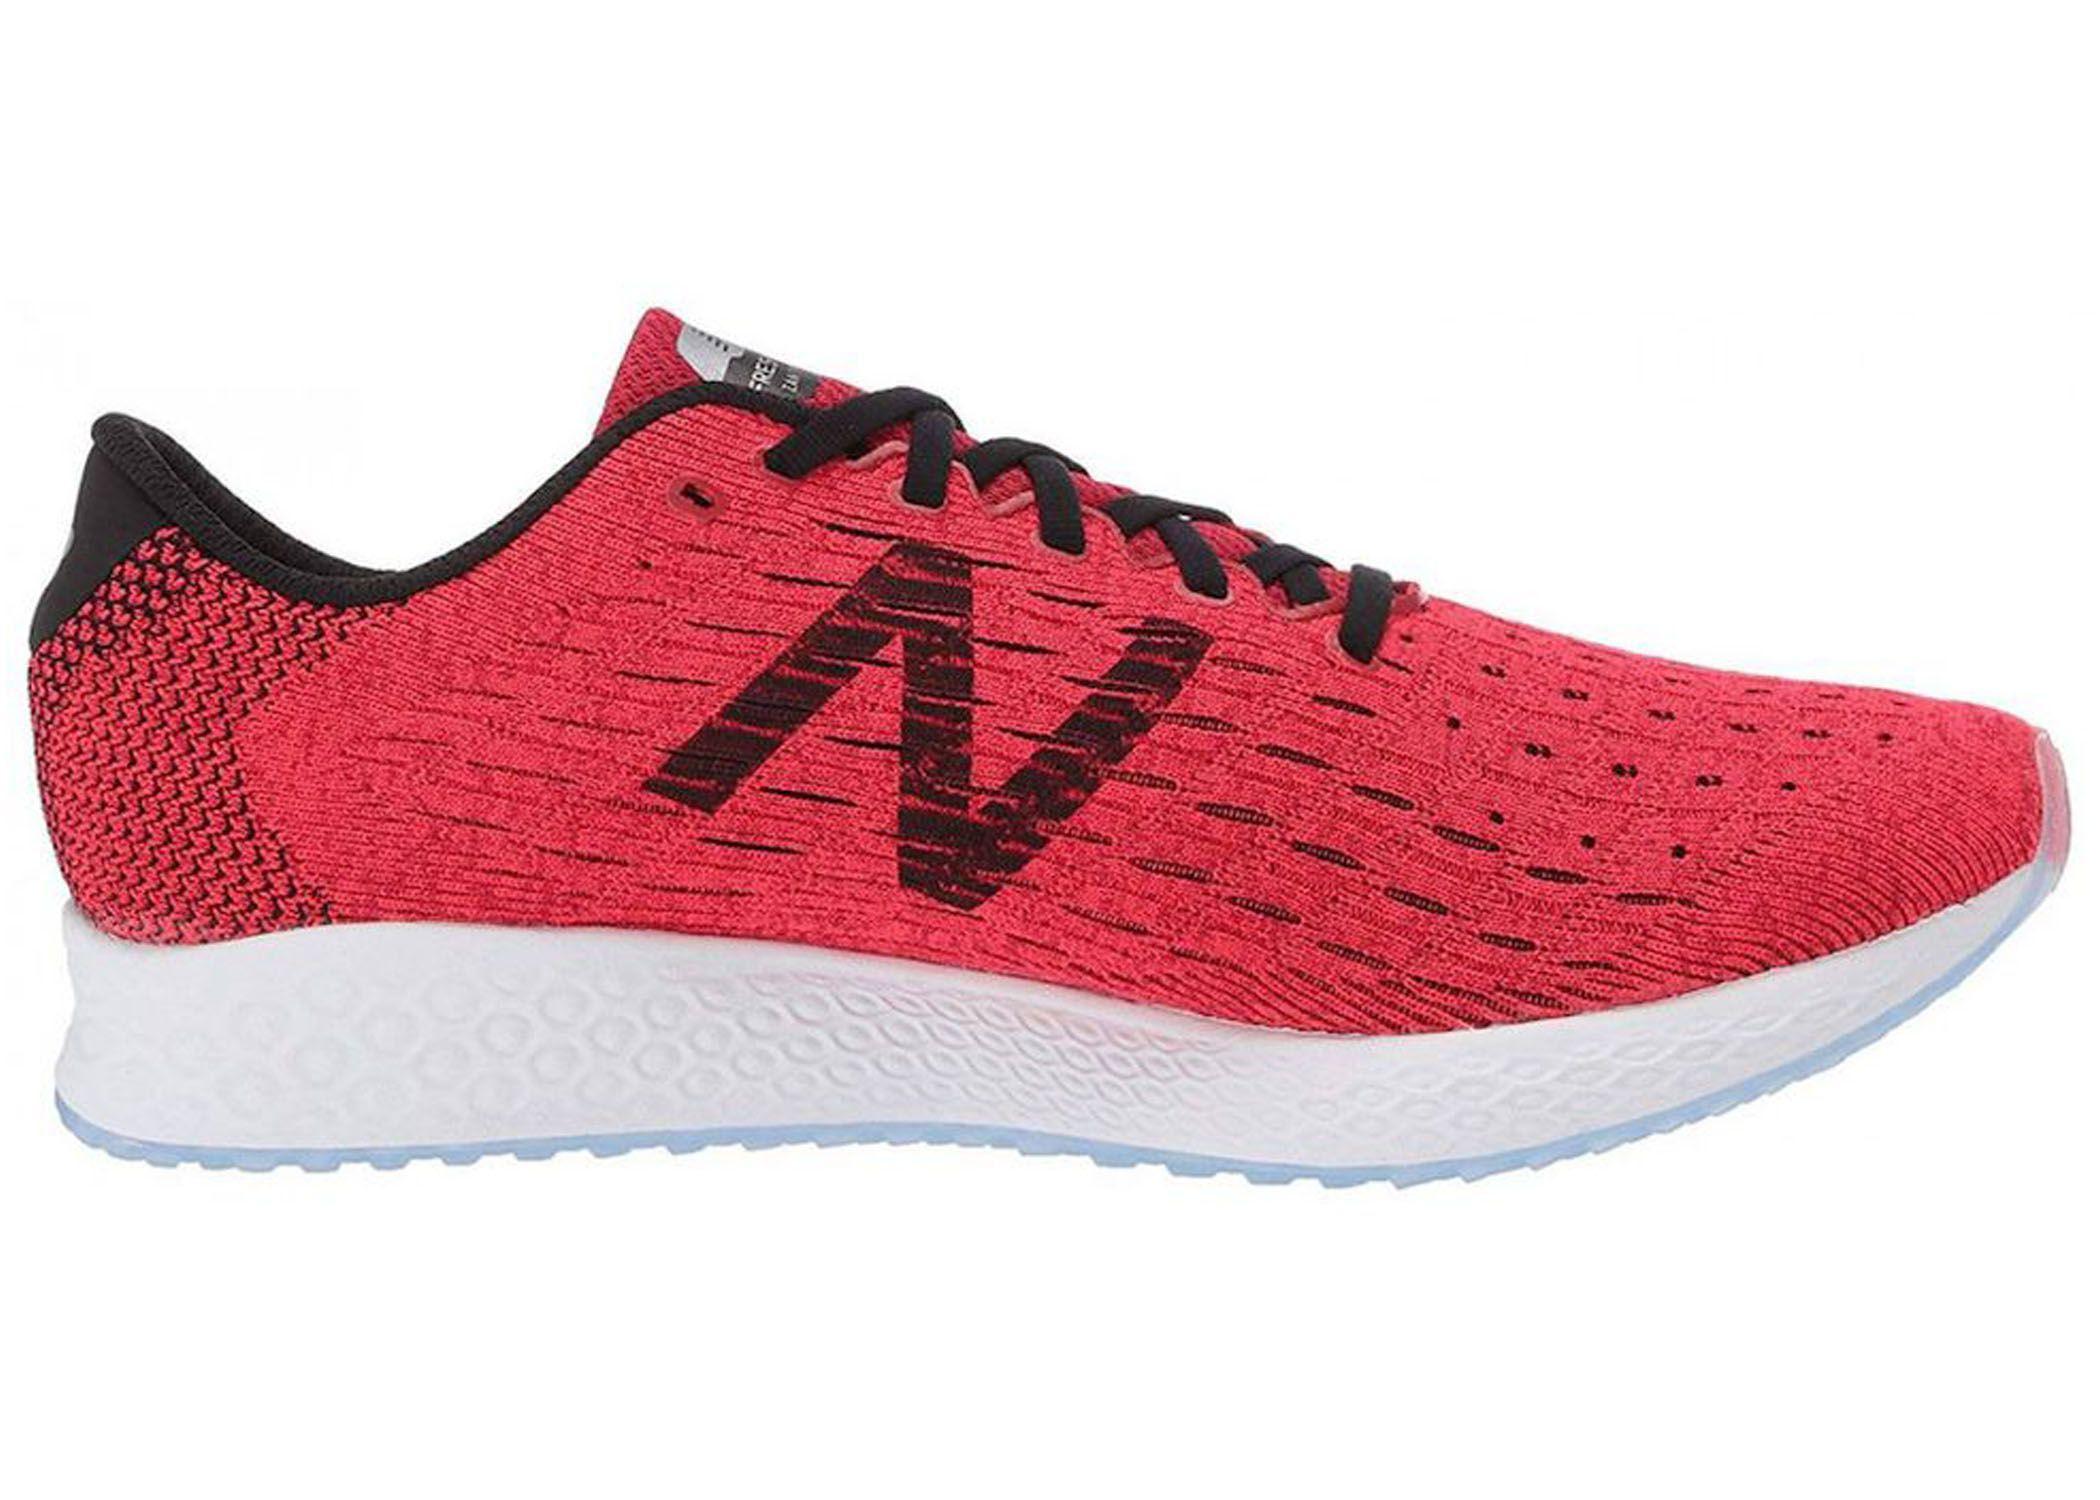 run-meilleure chaussure de running pour hommes 2019-meilleure chaussure de course nike chaussure de sport-i run-baskets homme-longues distances-excellente chaussure-marathon-runnning-achat best-seller-adidass-nike-sport-légères-Reebok-newblance-guide-lepape